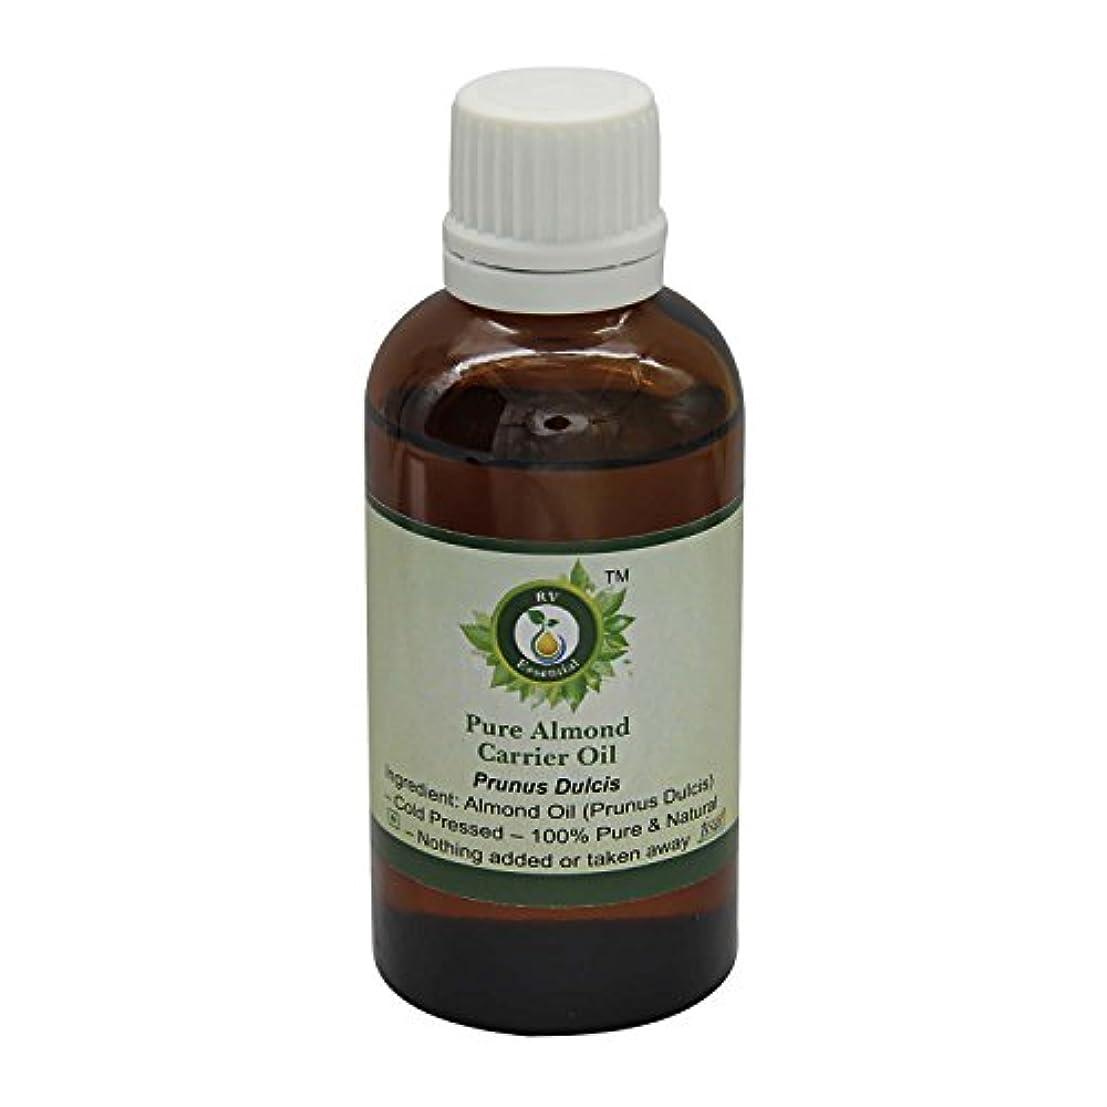 恐怖症増加する距離R V Essential 純粋なアーモンドキャリアオイル50ml (1.69oz)- Prunus Dulcis (100%ピュア&ナチュラルコールドPressed) Pure Almond Carrier Oil